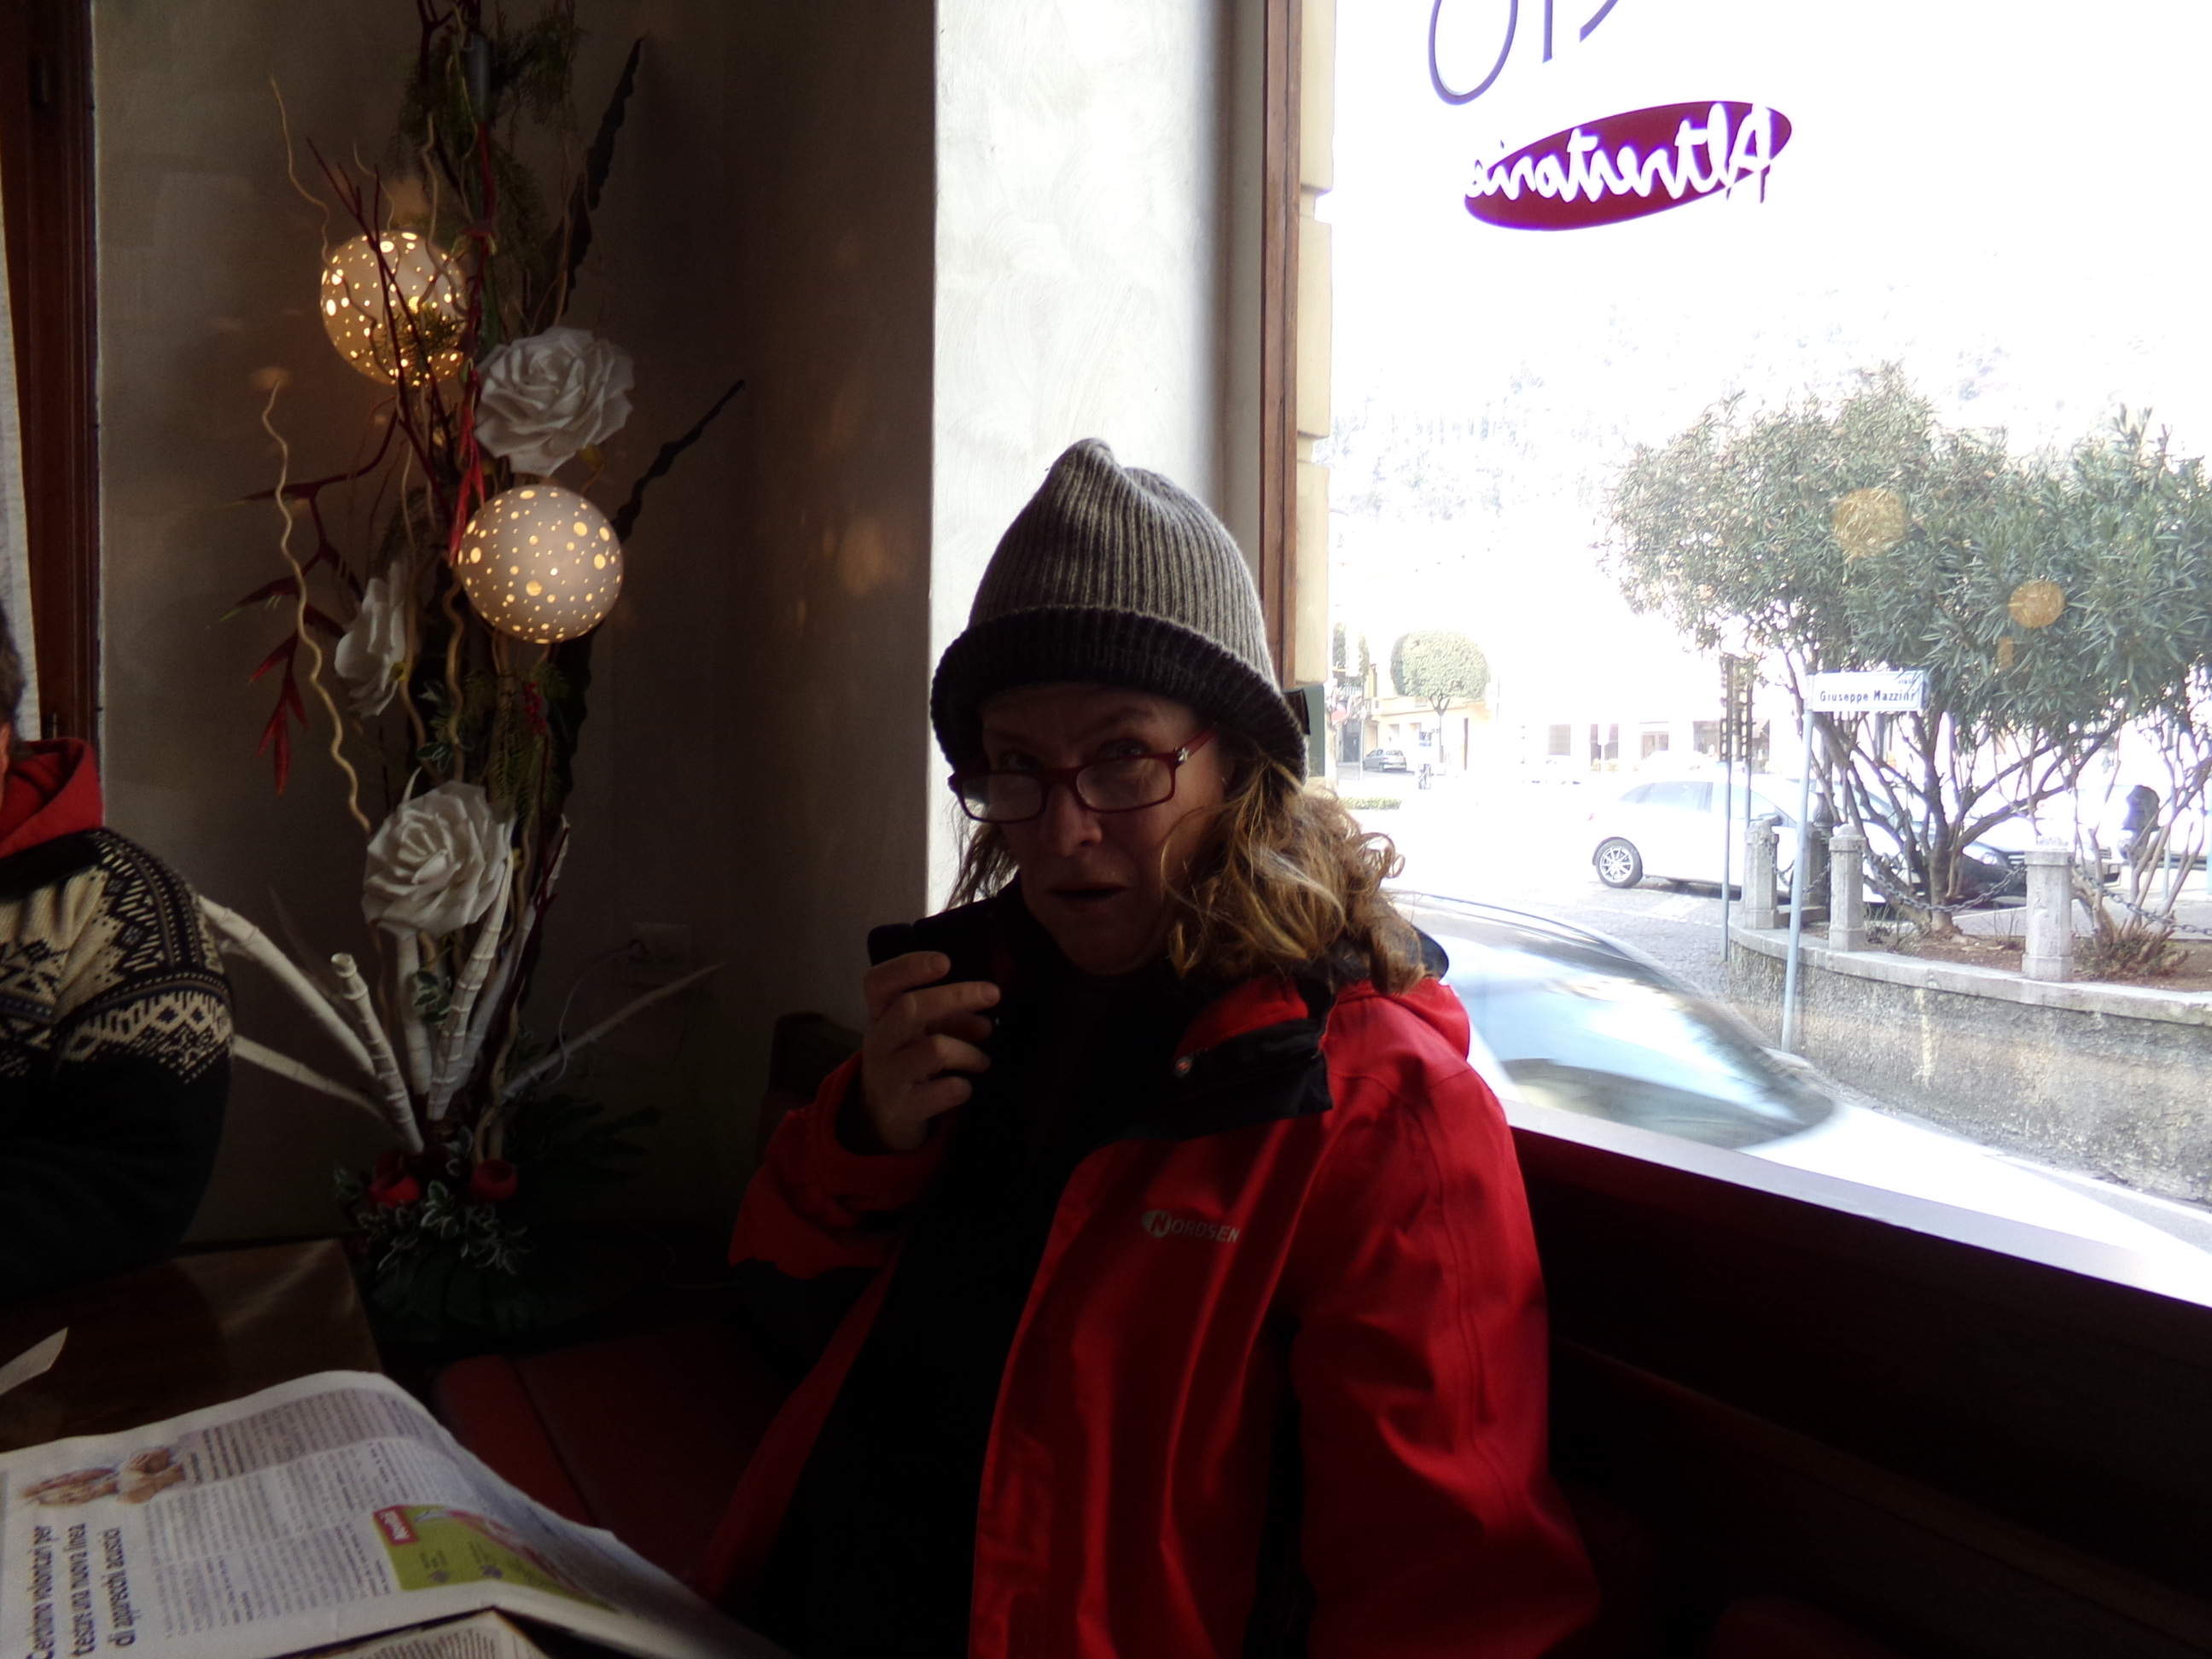 Erica in Valdobbiadene